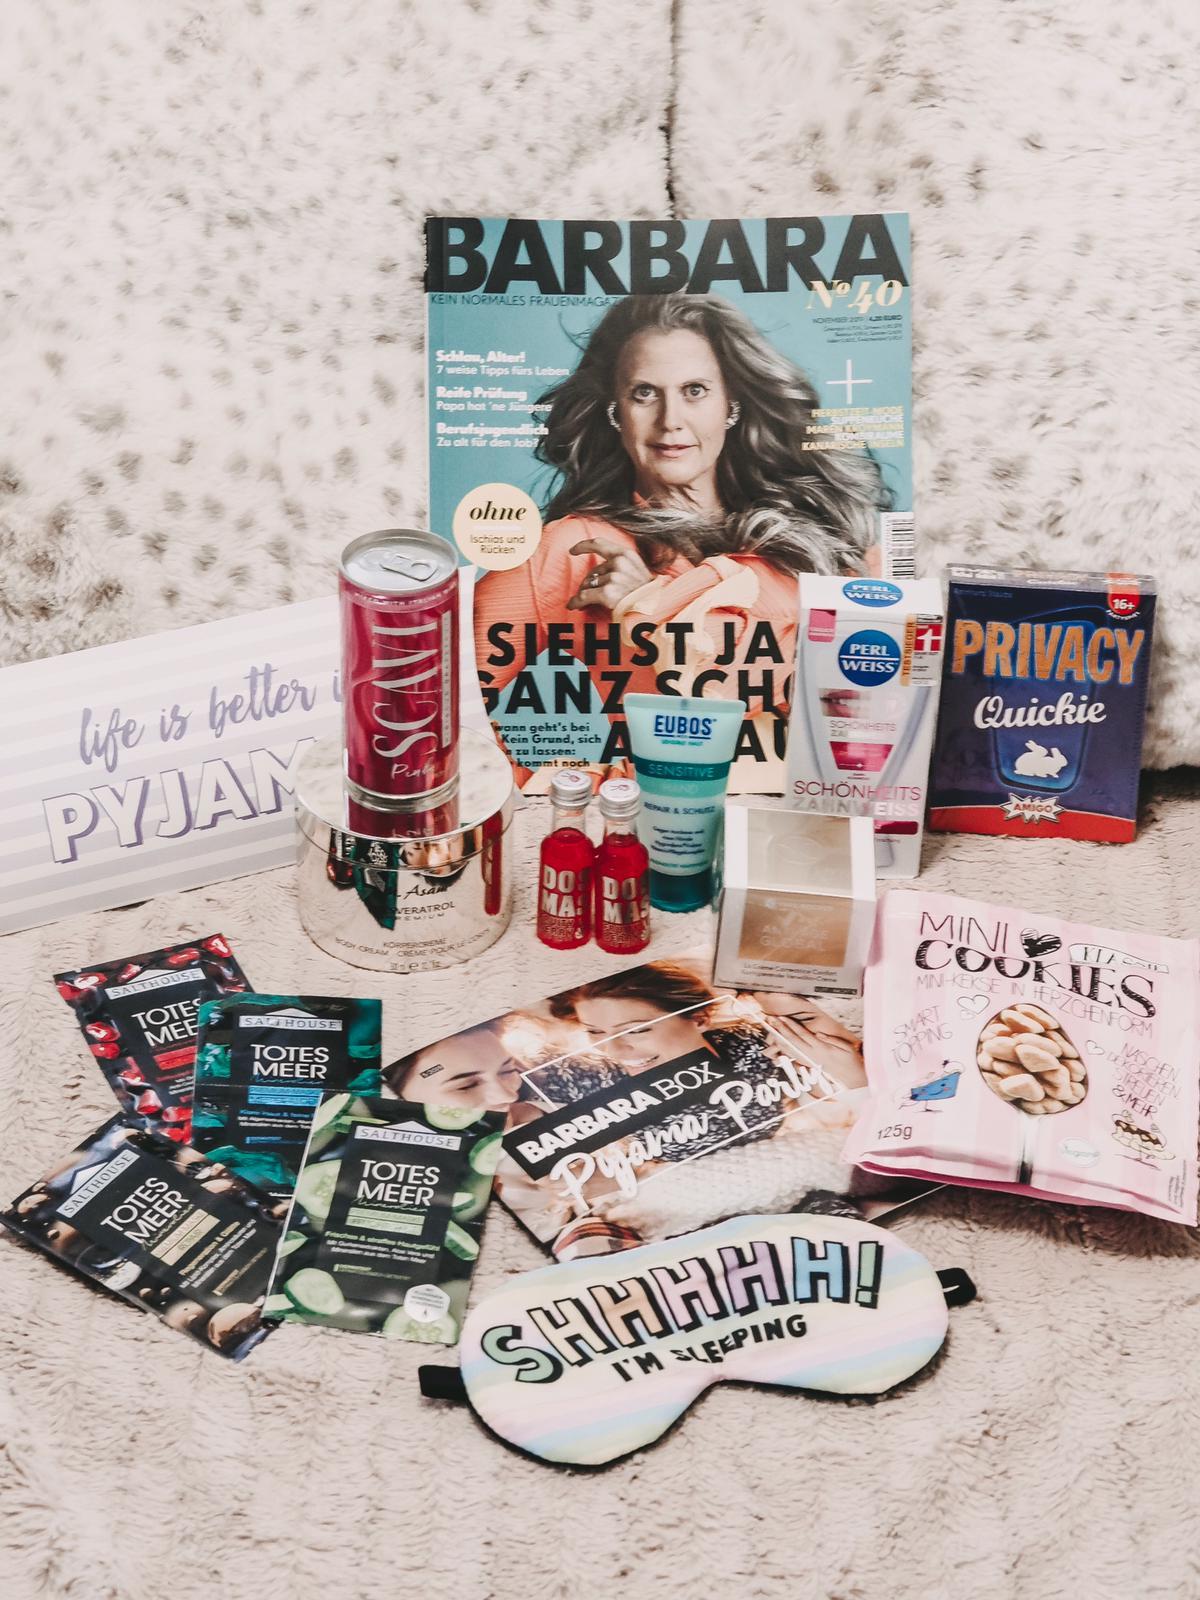 Die brandneue Barbara Box Pyjama Party verfügt über viele tolle Gimmicks, mit denen ihr ganz spontan im Bett eine Party starten könnt. Unboxing auf dem Blog